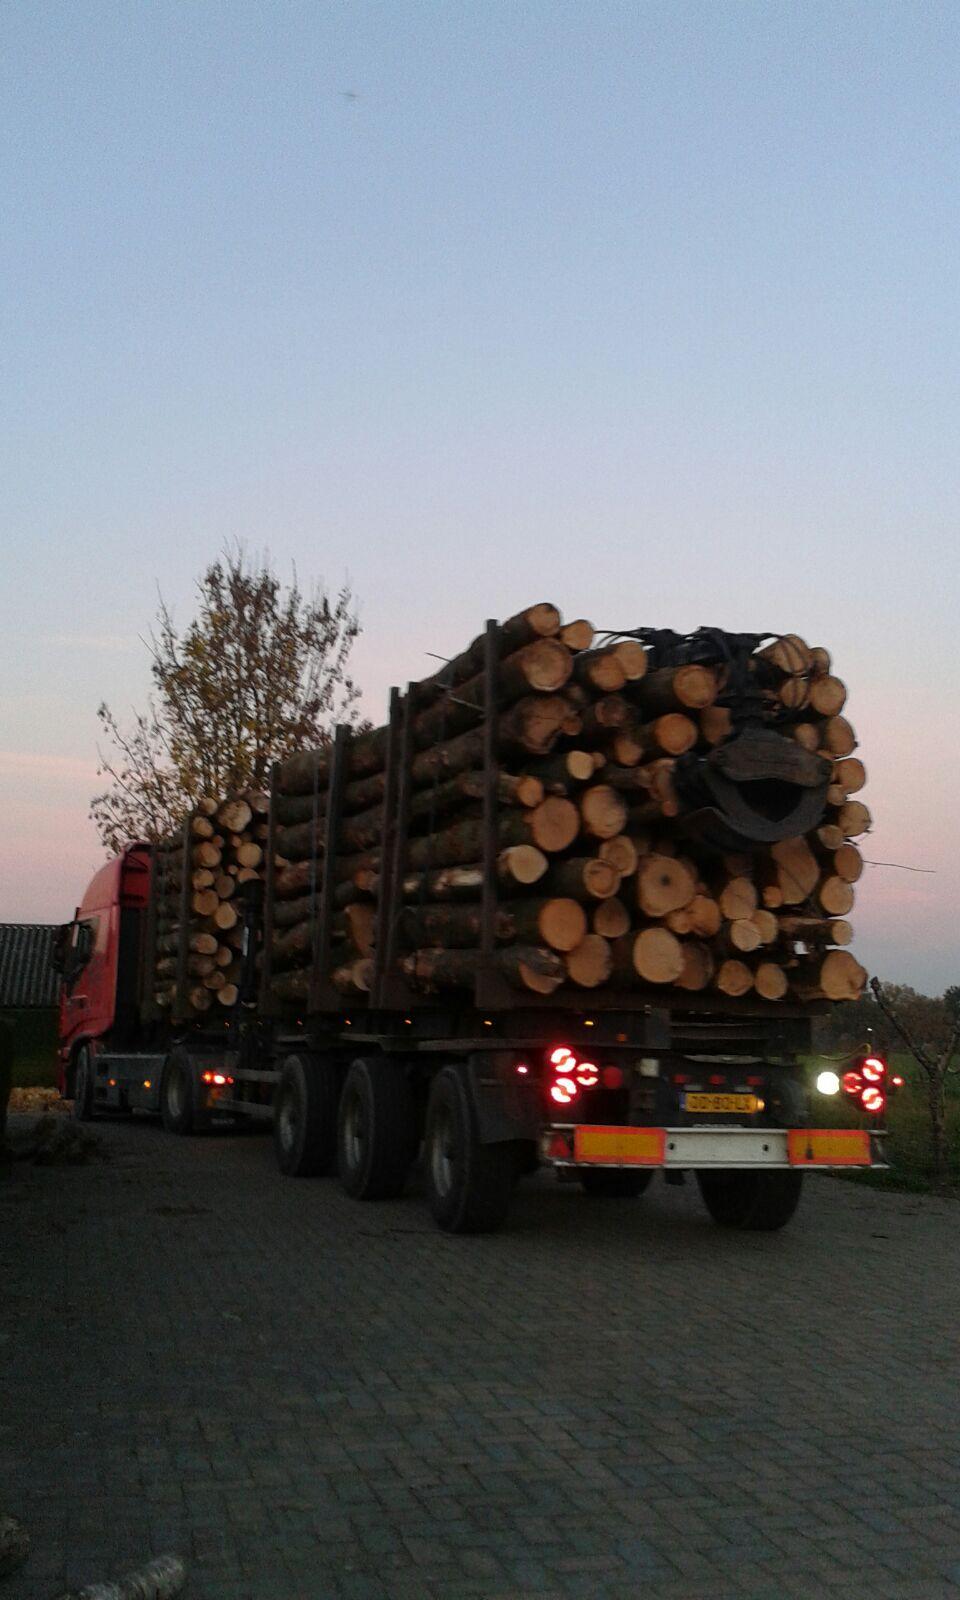 Kachelhout Limburg | Voor al uw haardhout, brandhout ...